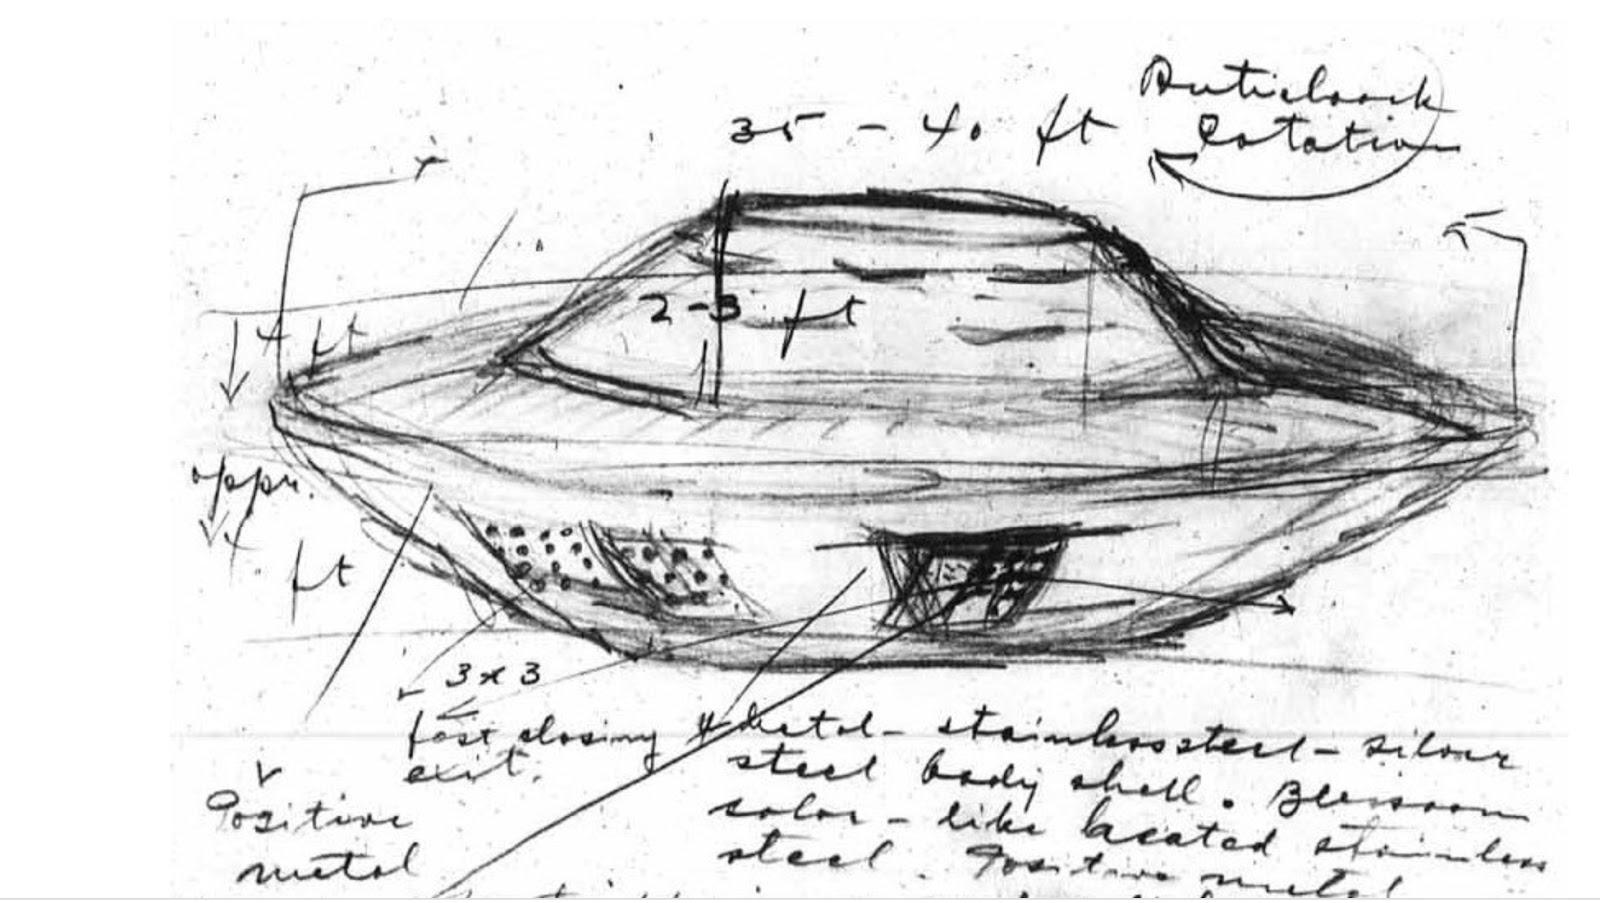 Canadian 'spaceship' drawing from Manitoba landing